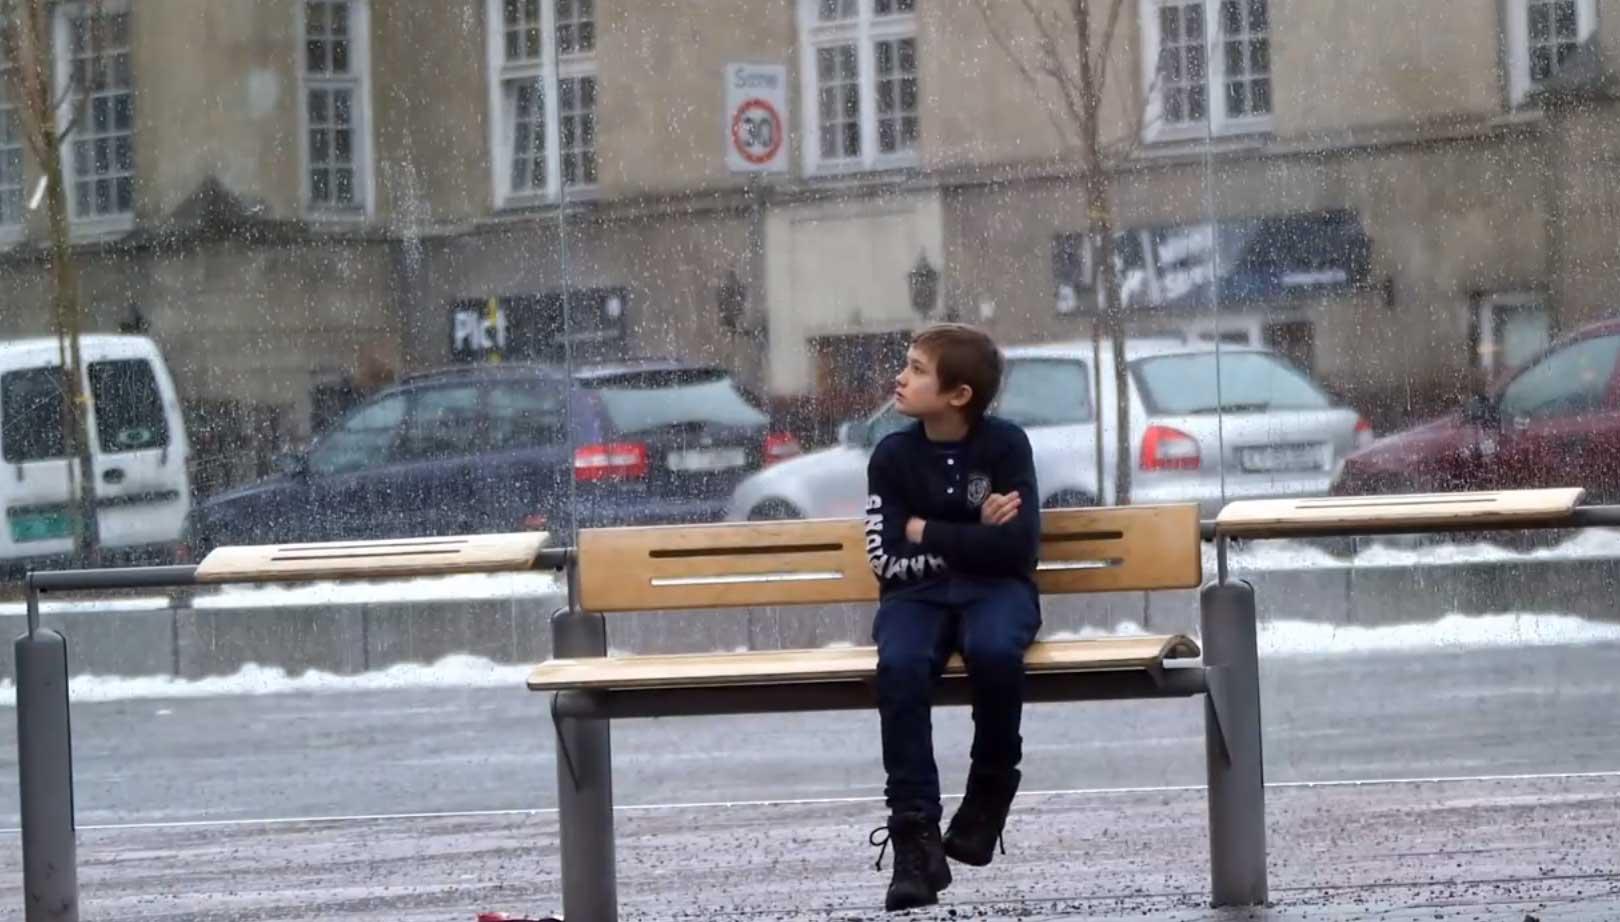 寒さに震える少年 実験映像だが超感動!